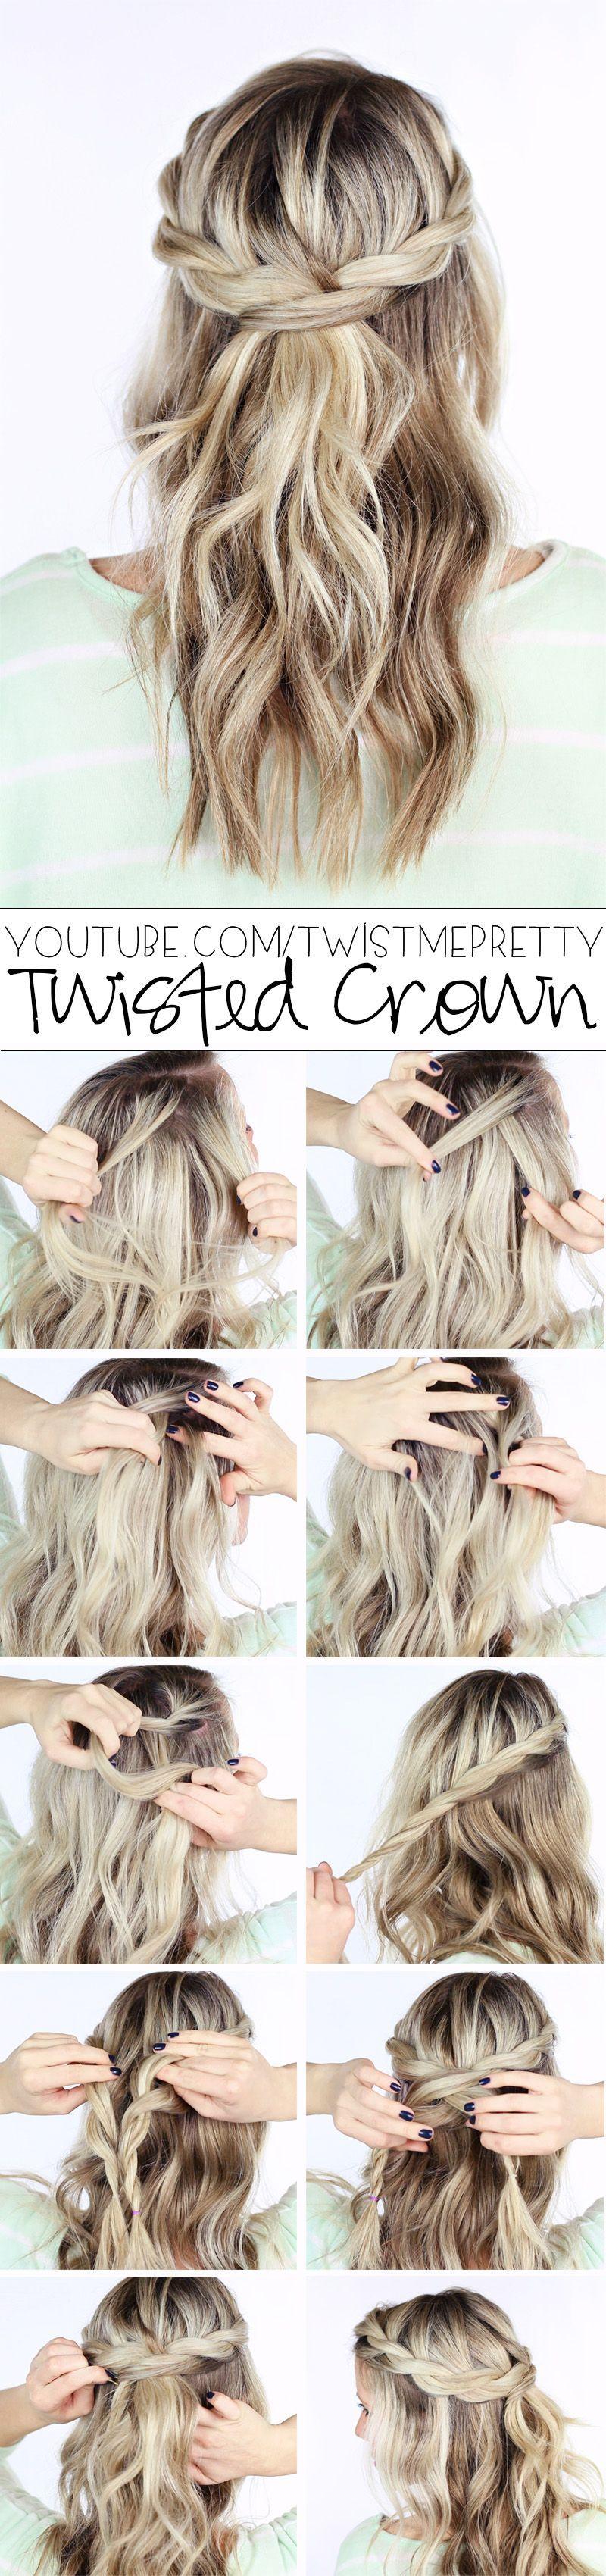 Die zehn besten Haar-Tutorials auf Pinterest